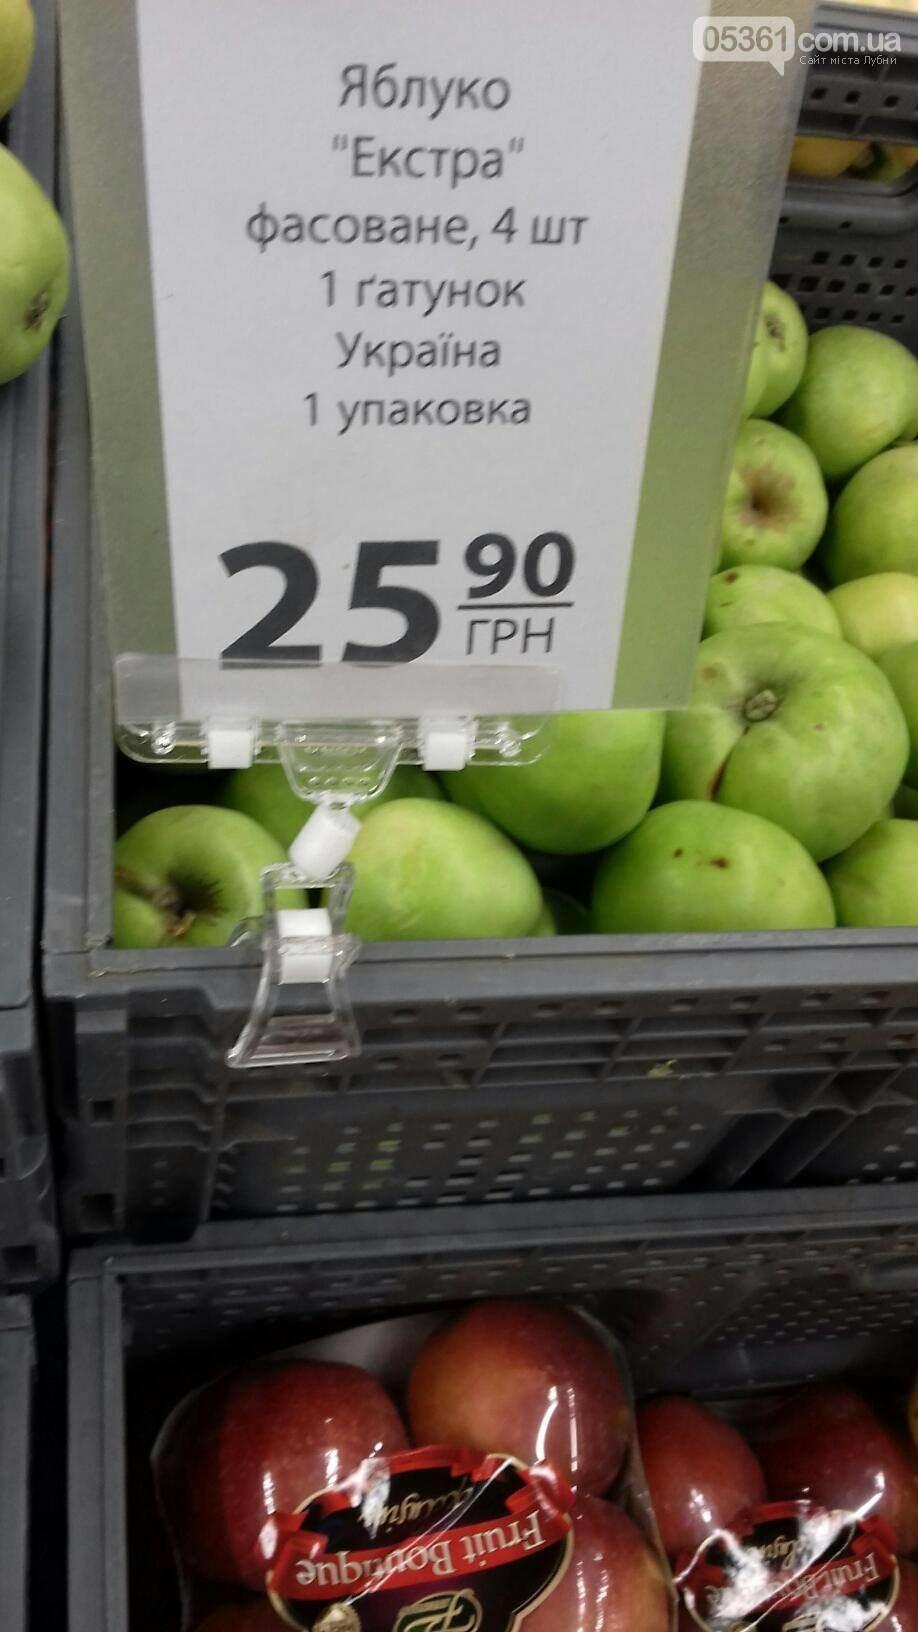 Українські яблука по ціні турецького винограду в лубенських супермаркетах , фото-2